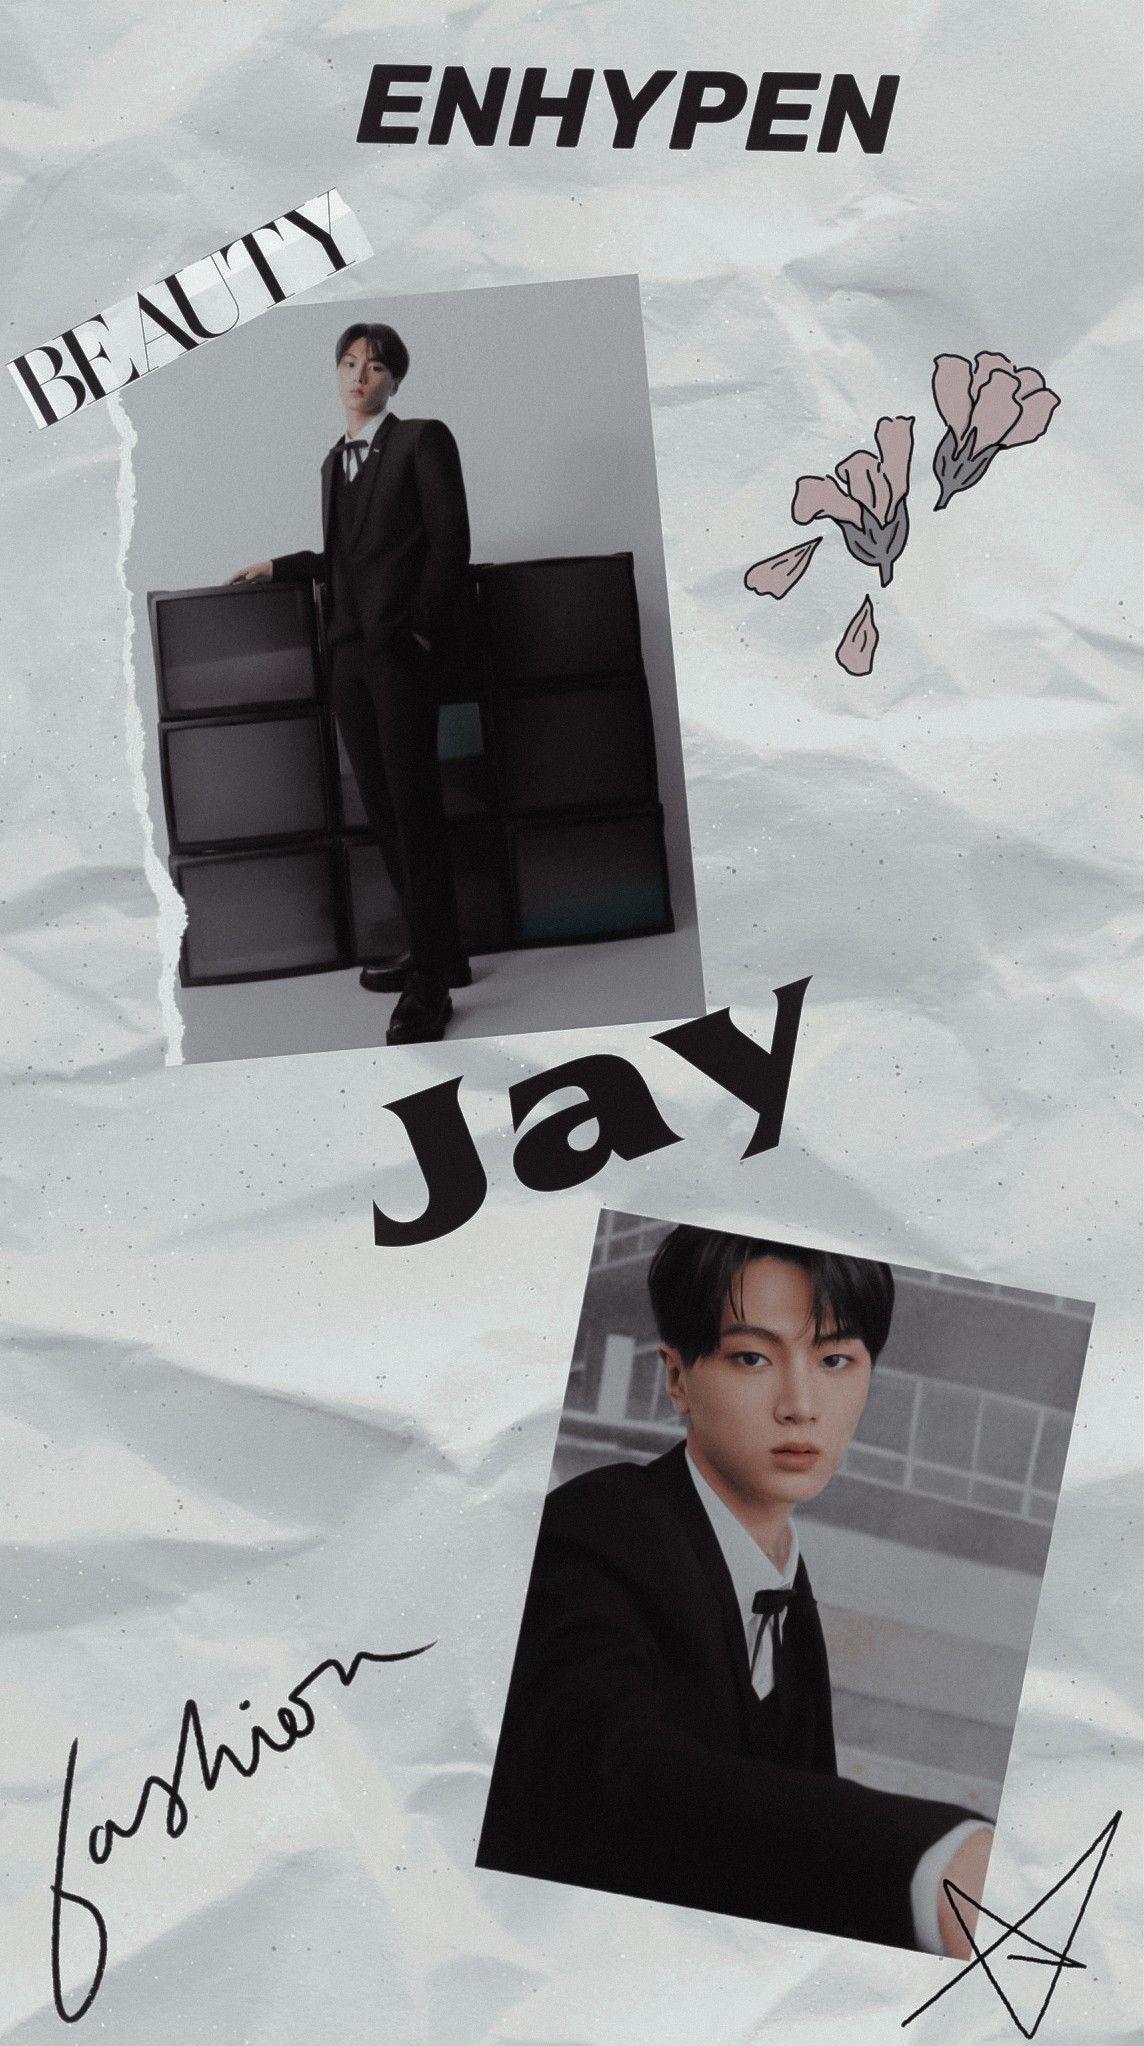 Jay Wallpaper Pacar Pria Pria